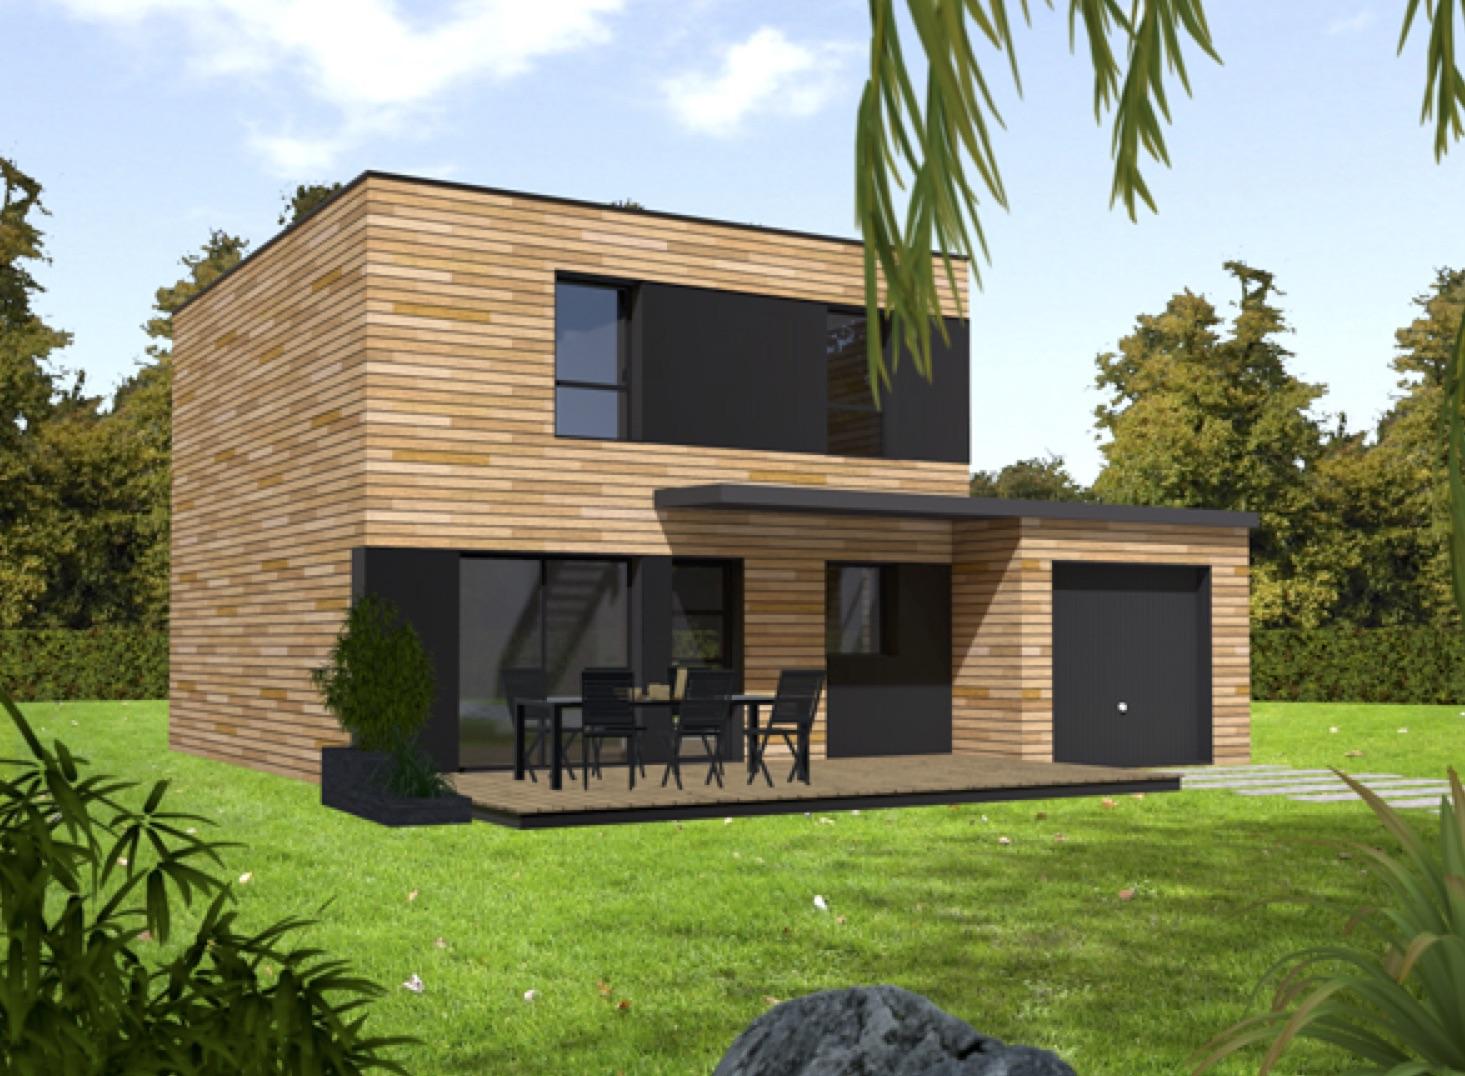 Maison bois écologique architecte